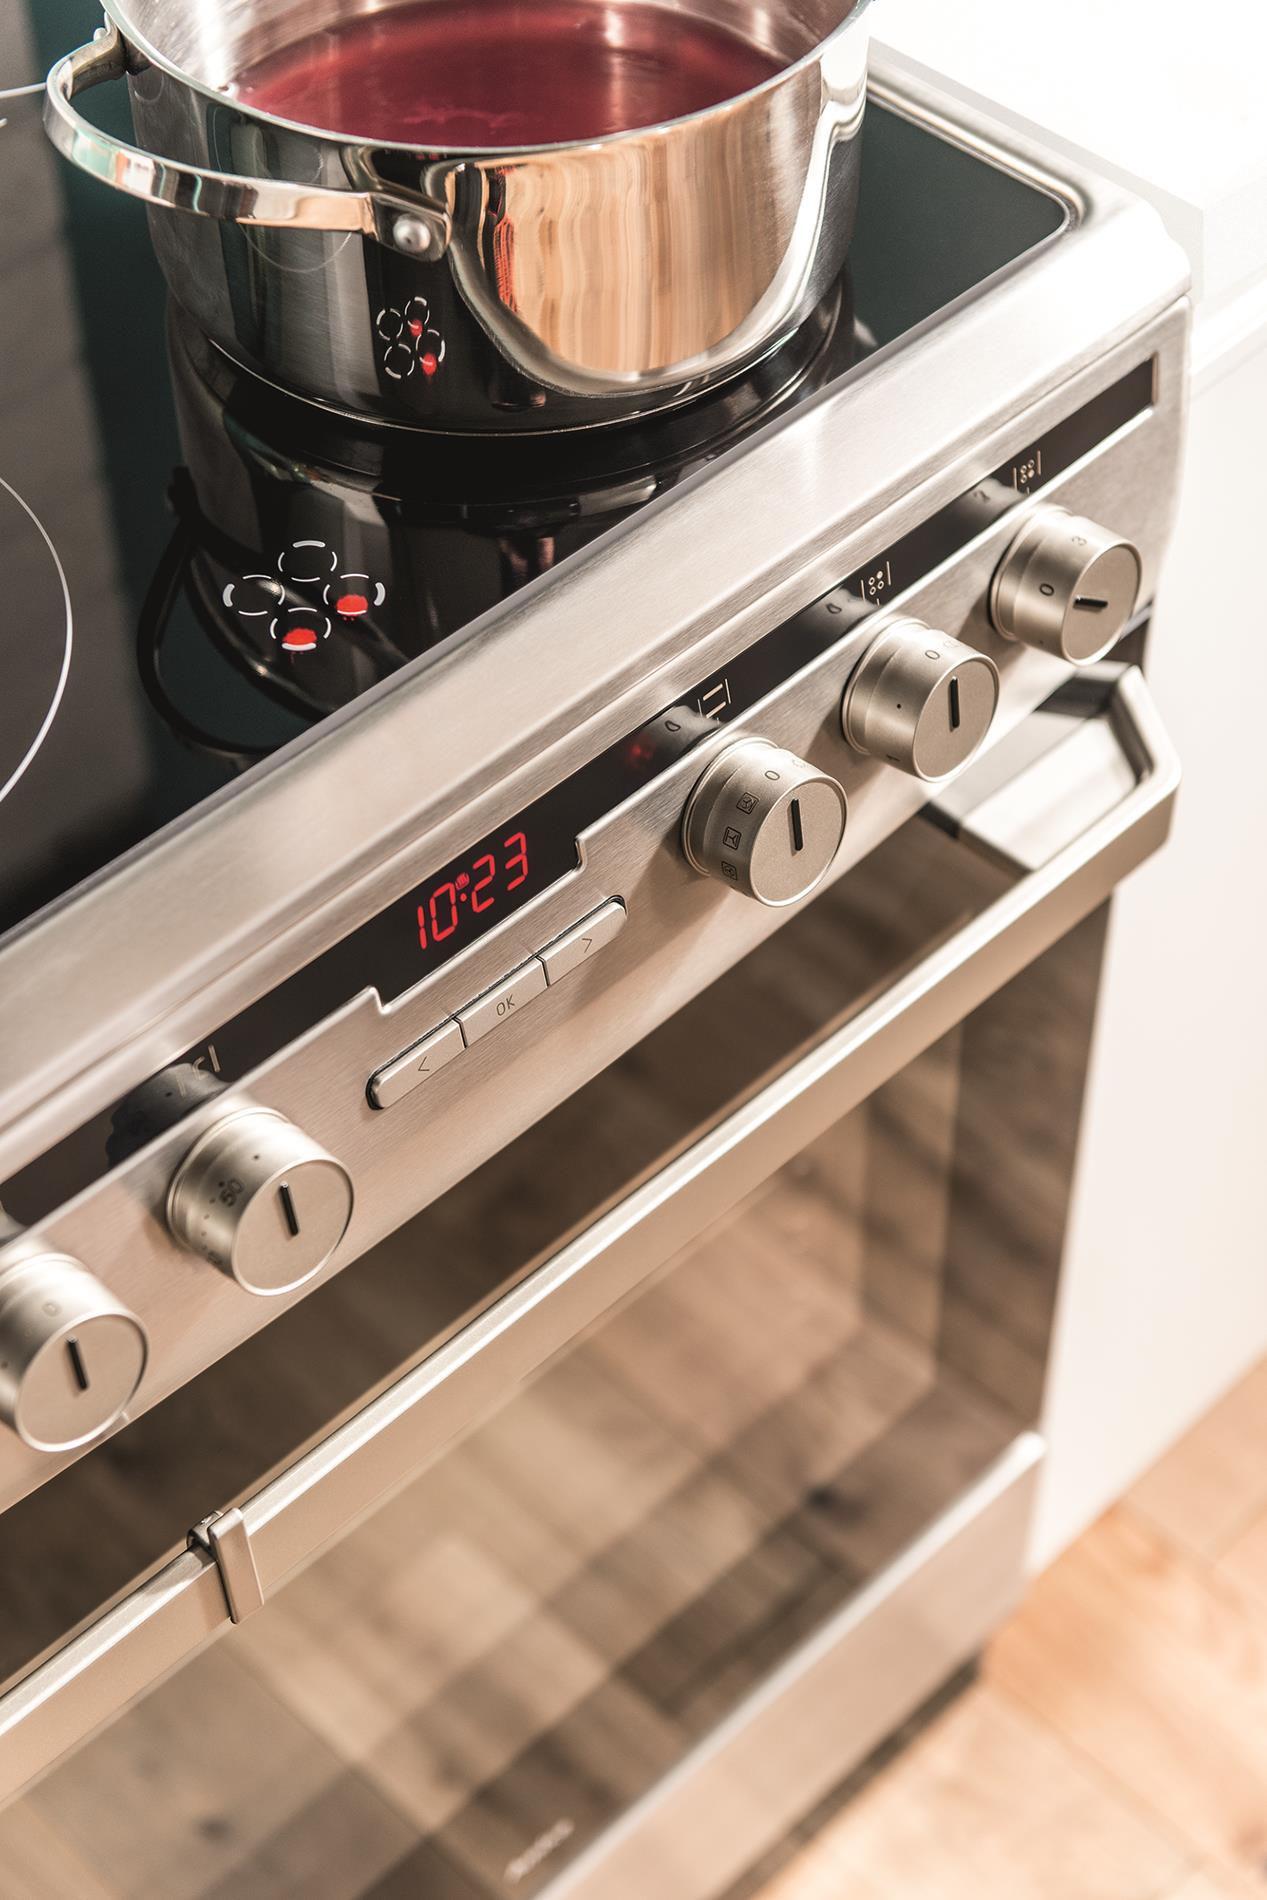 Kuchnia wolnostojąca ceramiczna 600 618CE3 434HTaKDQ(Xx)  Amica -> Amica Kuchnia Ceramiczna Superline